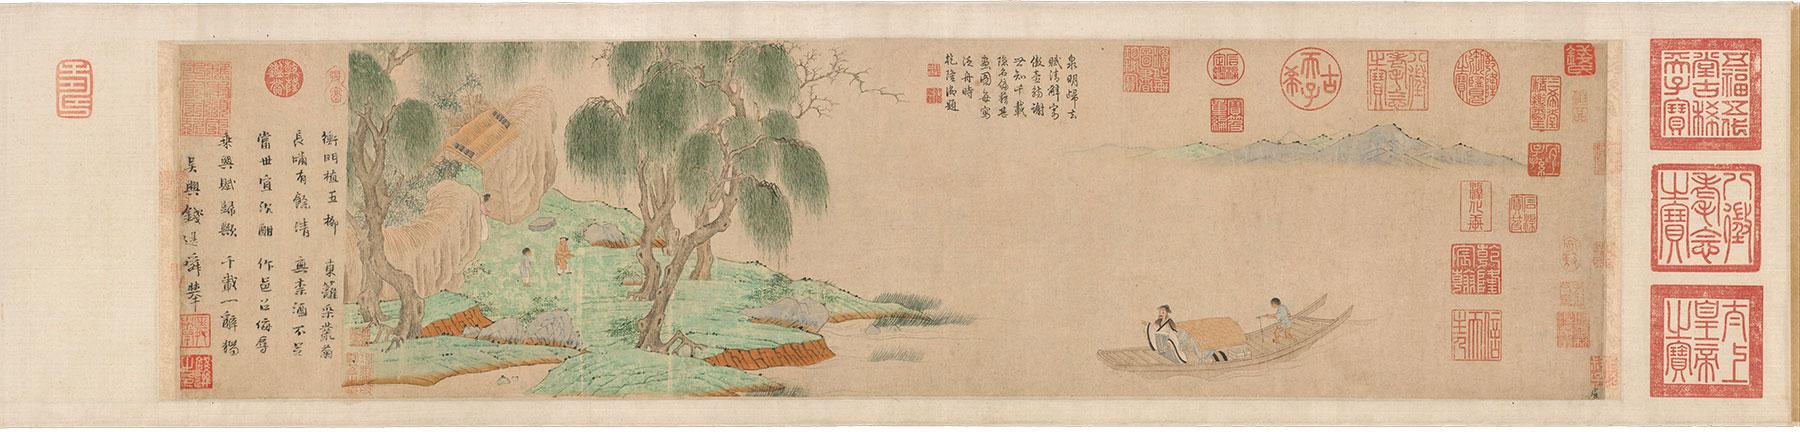 Qian Xuan 钱选 (1235-1305) - Guiqulaici 歸去來辭